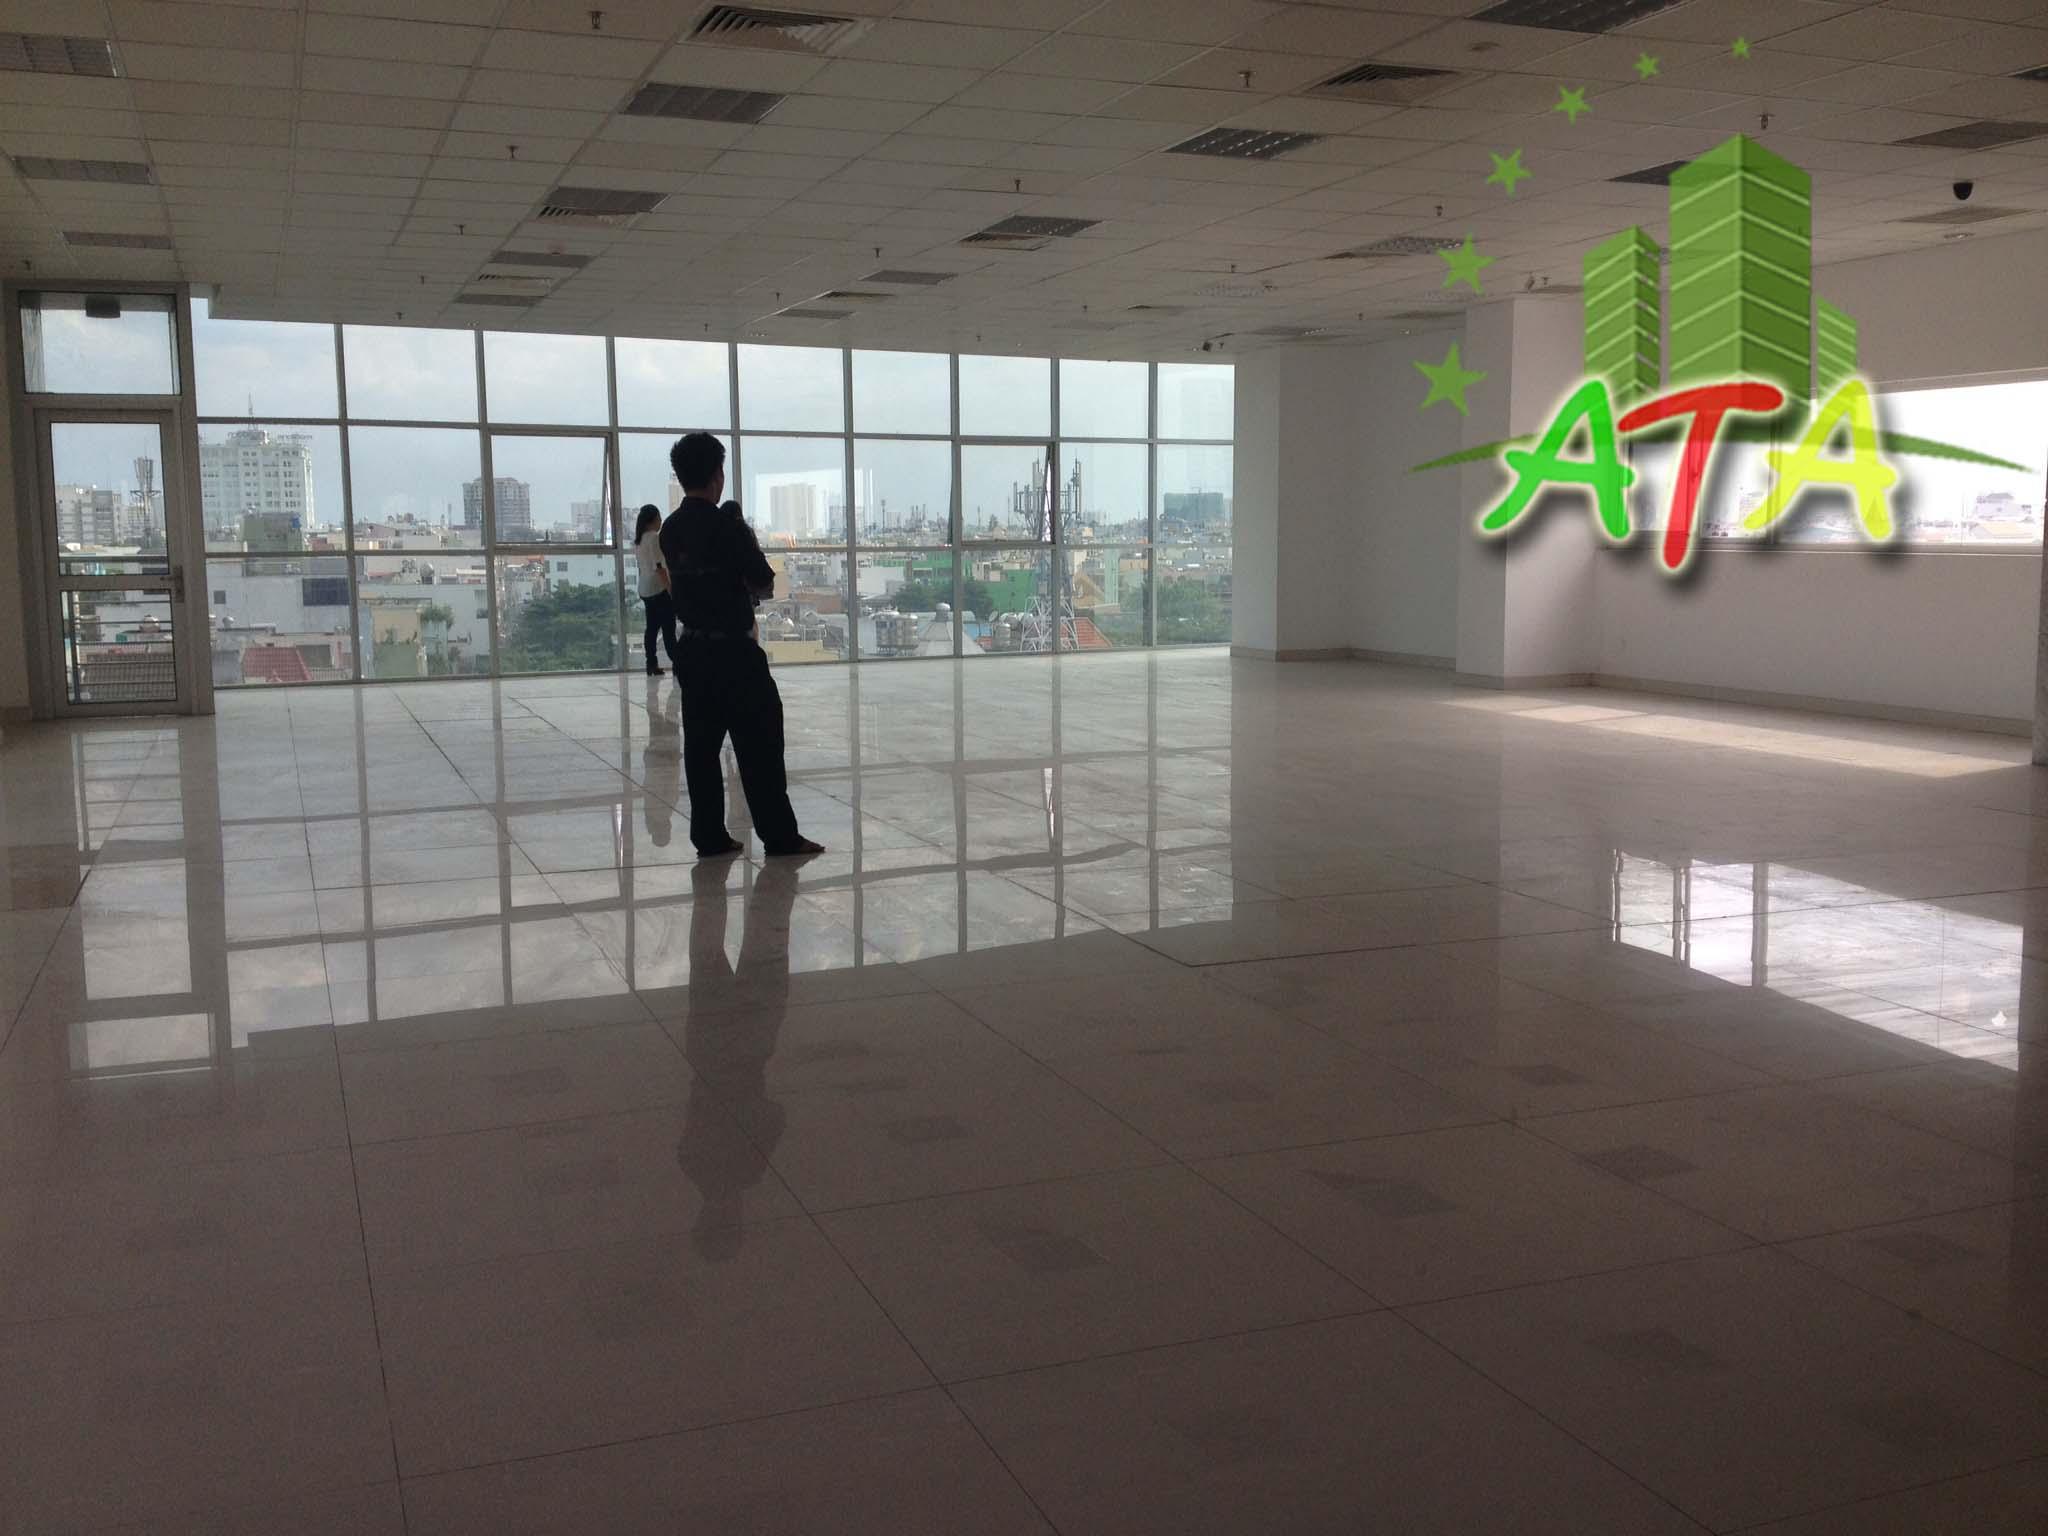 văn phòng cho thuê quận tân bình, Đông Phương Building cmt8, tân bình, office for lease in hcmc, tan binh district